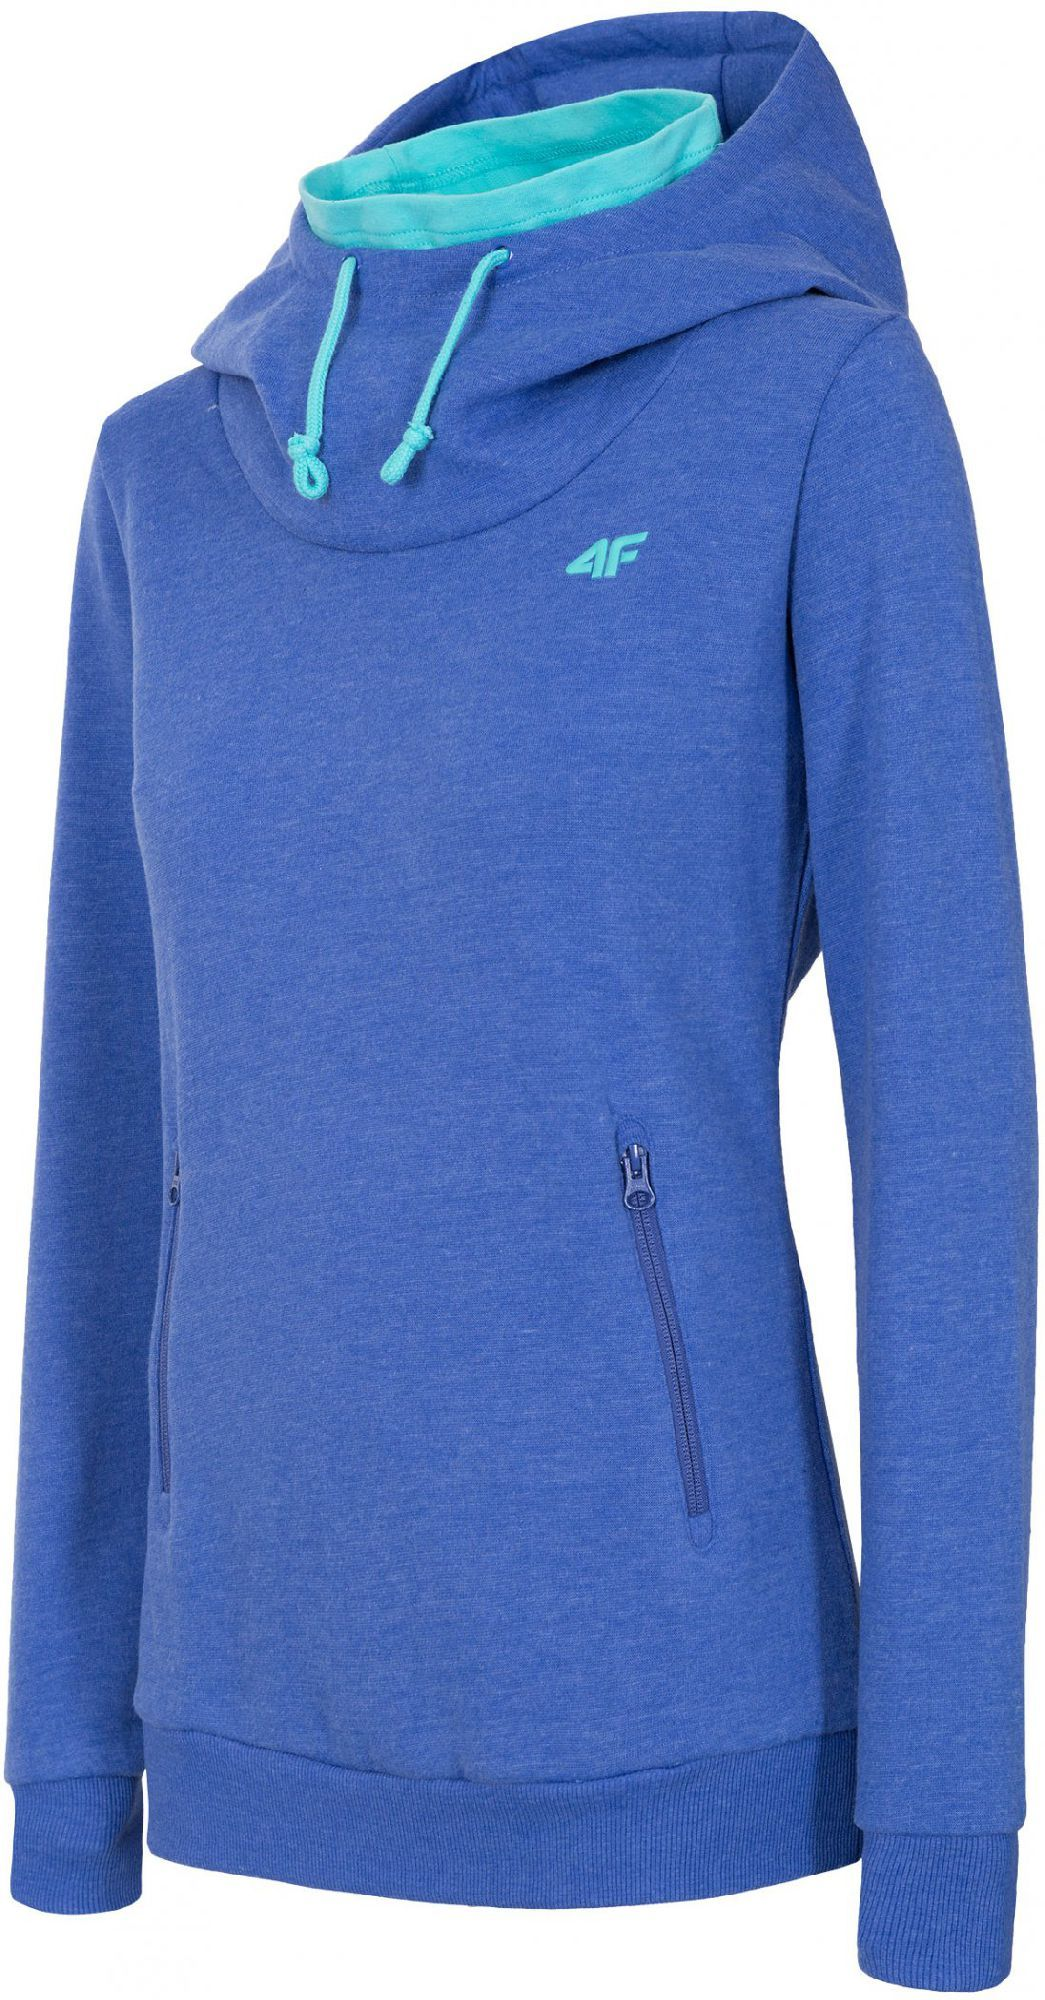 bluza 4f męska niebieska